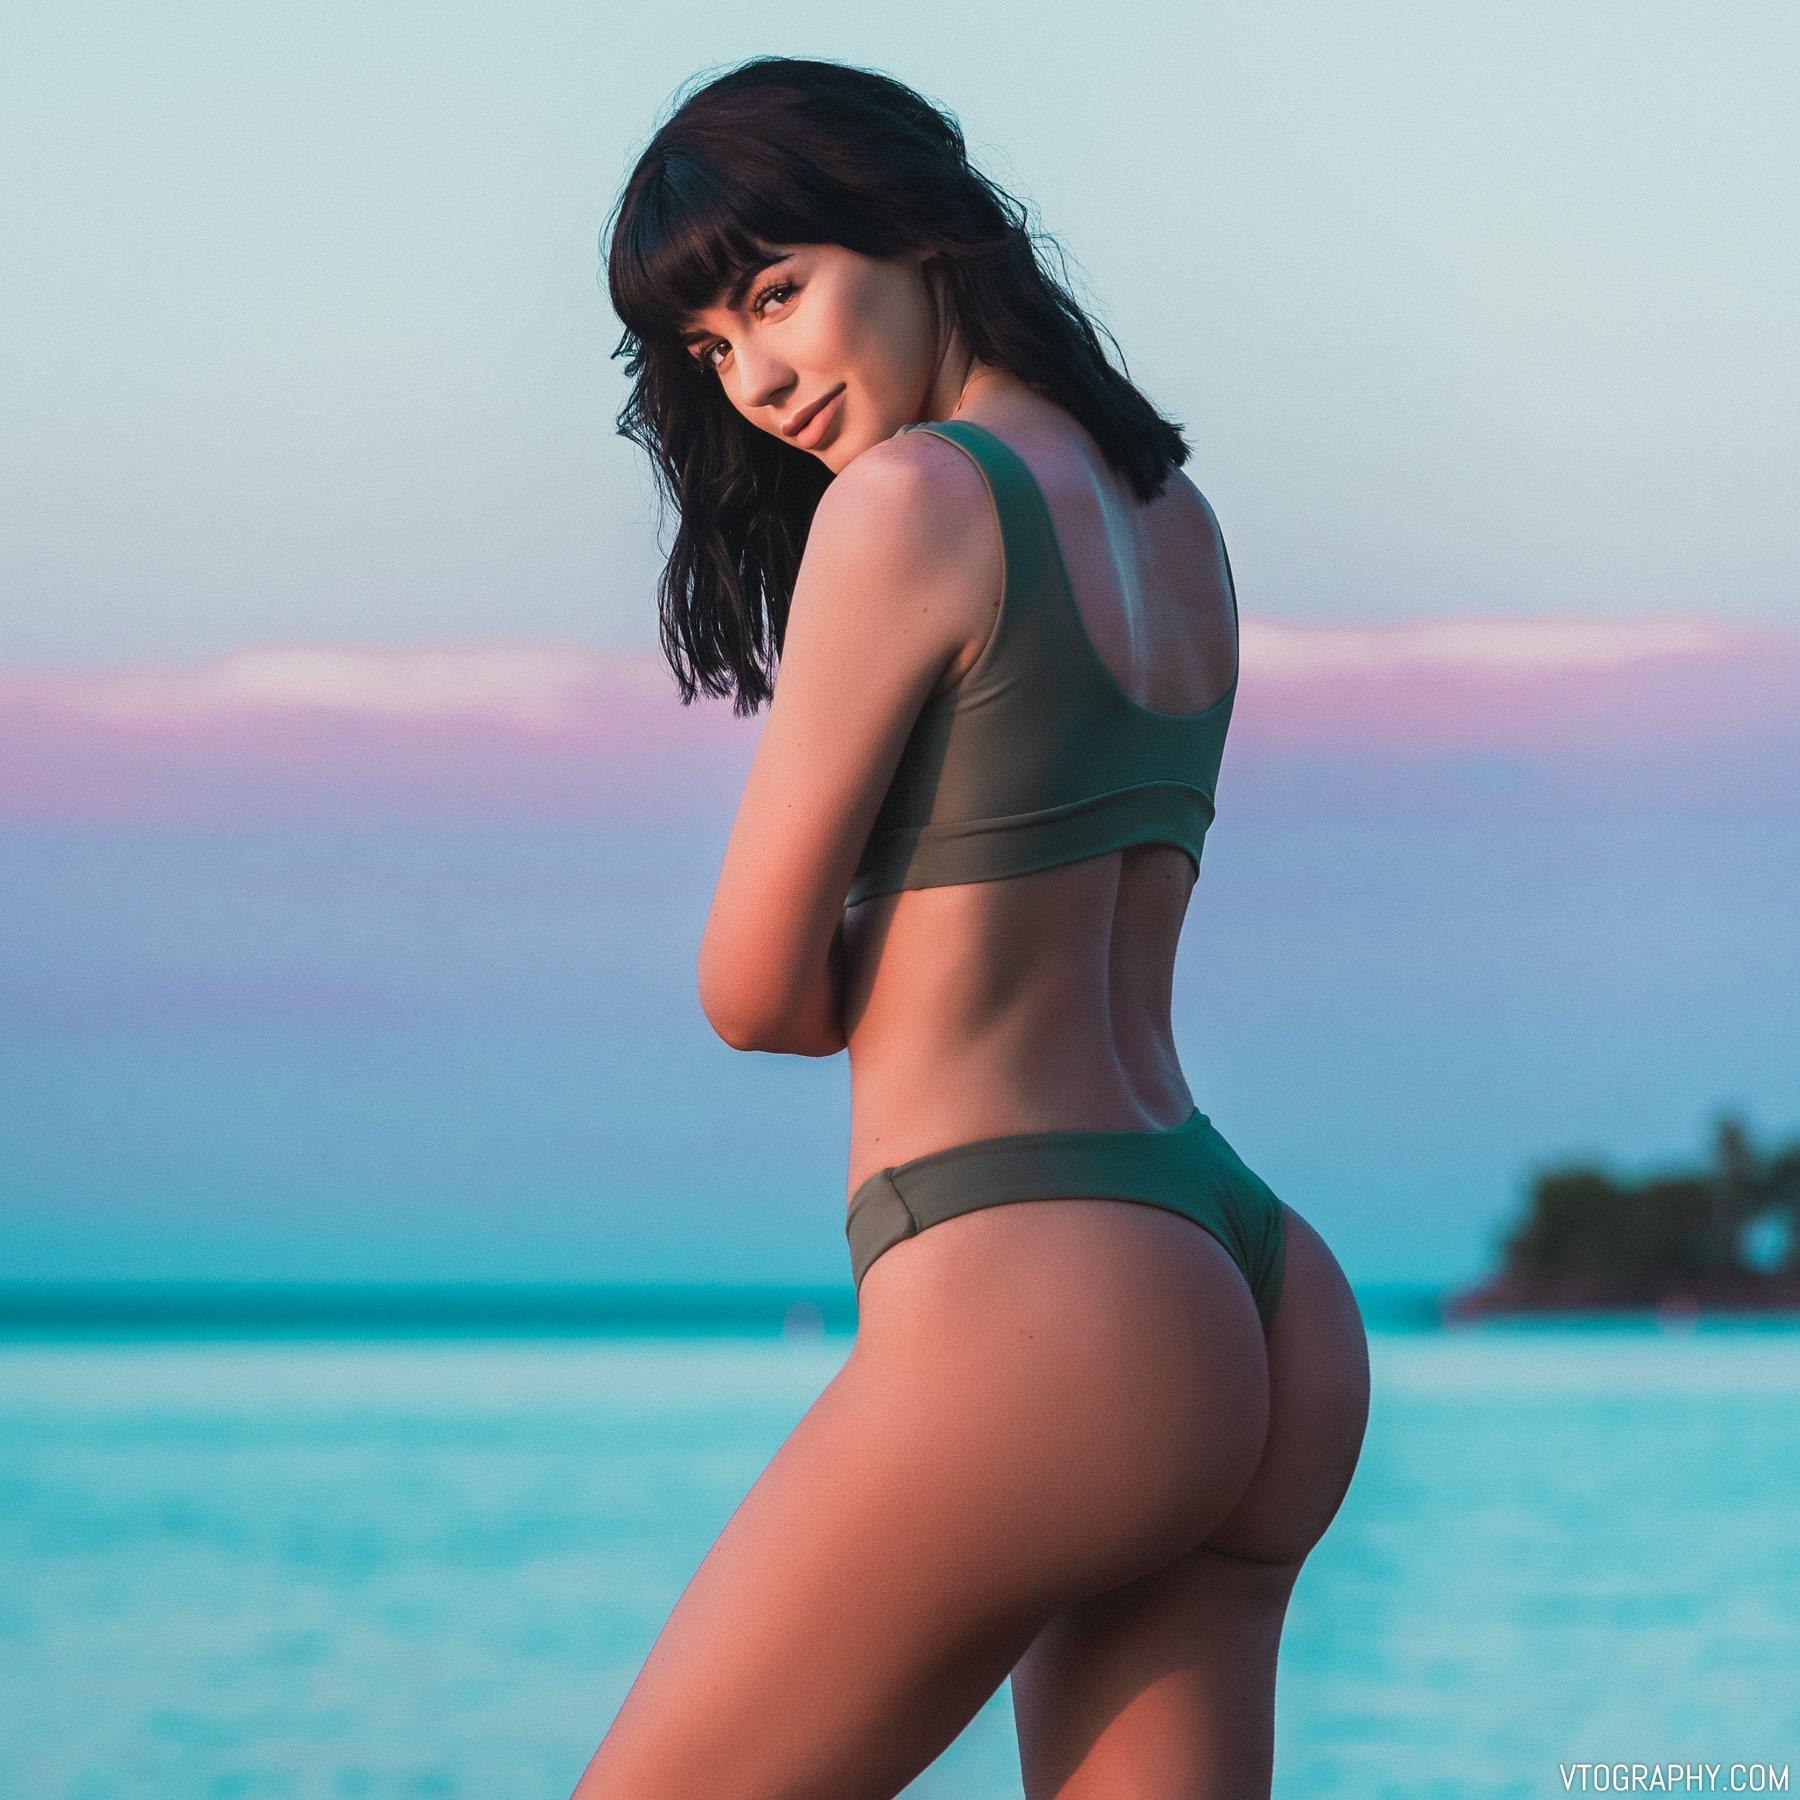 Olive green Zaful bikini photo shoot